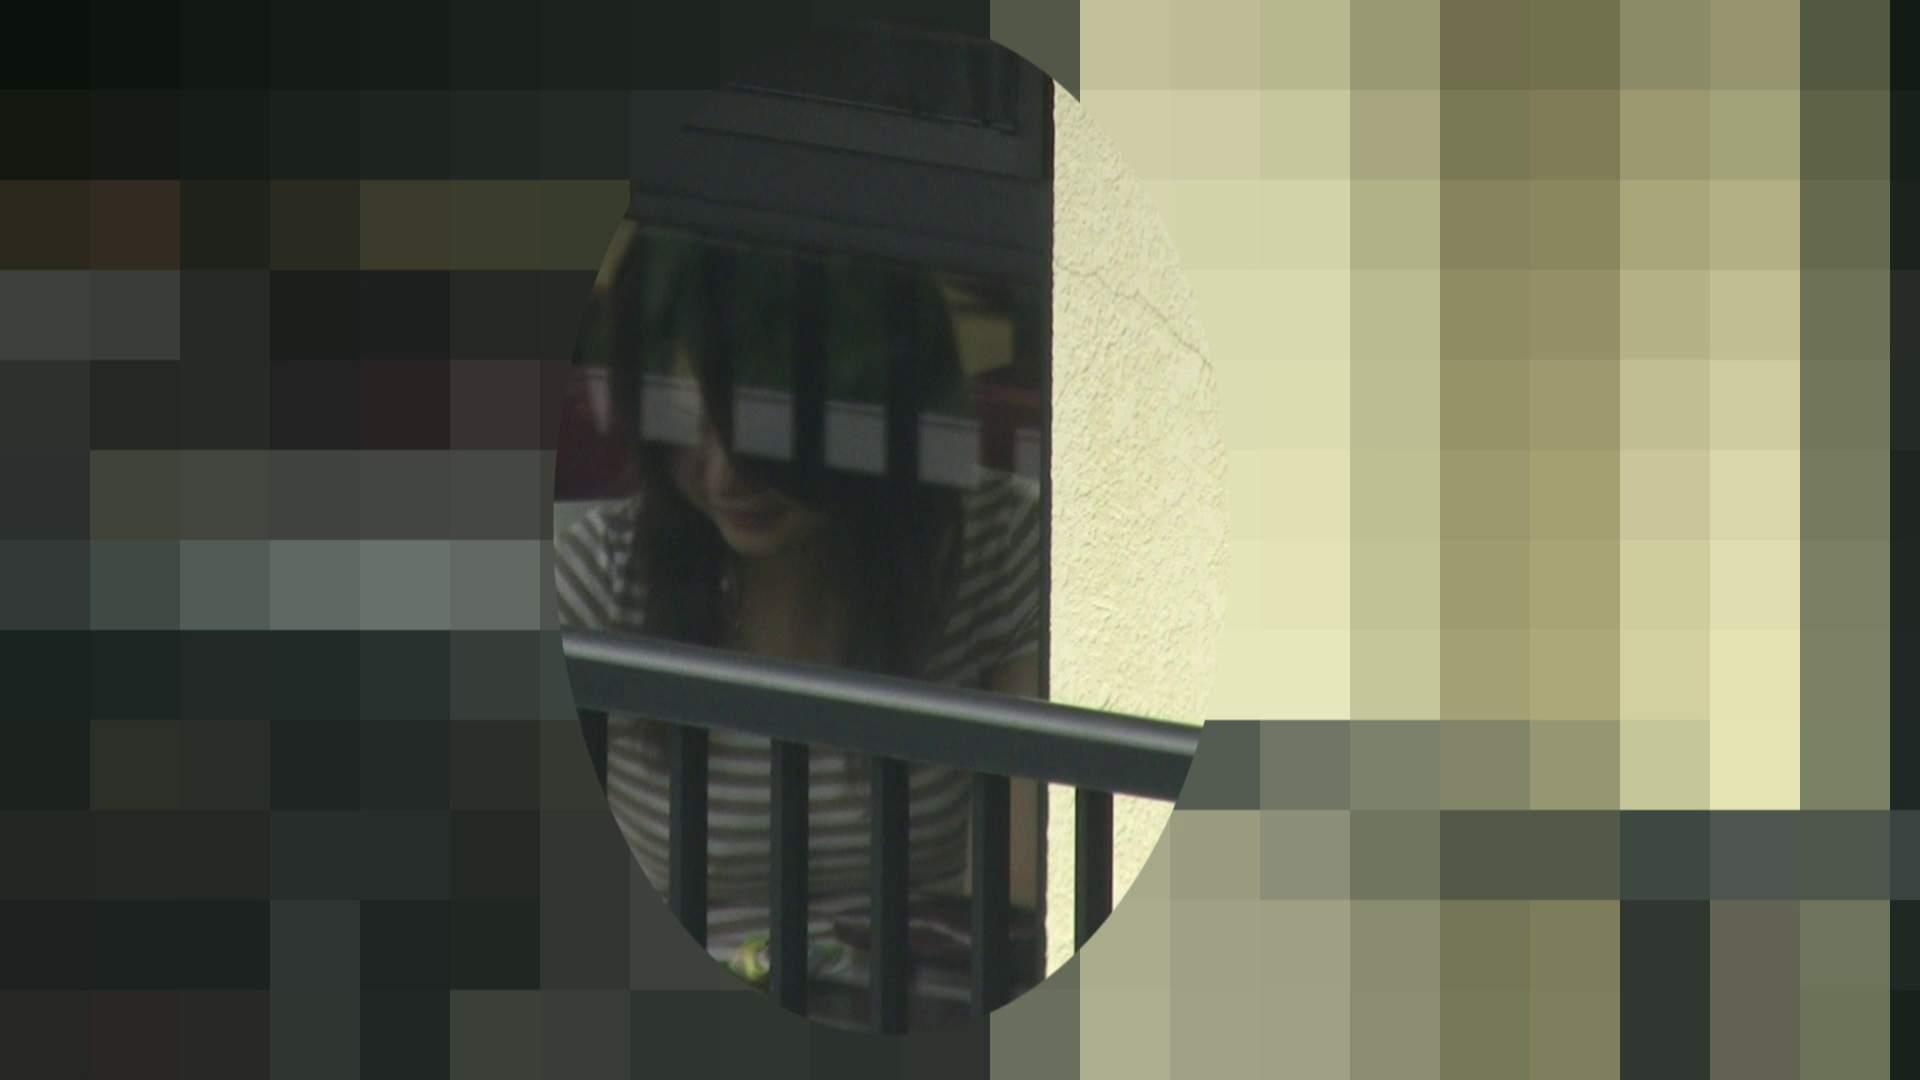 高画質露天女風呂観察 vol.032 望遠 のぞき動画画像 83pic 69